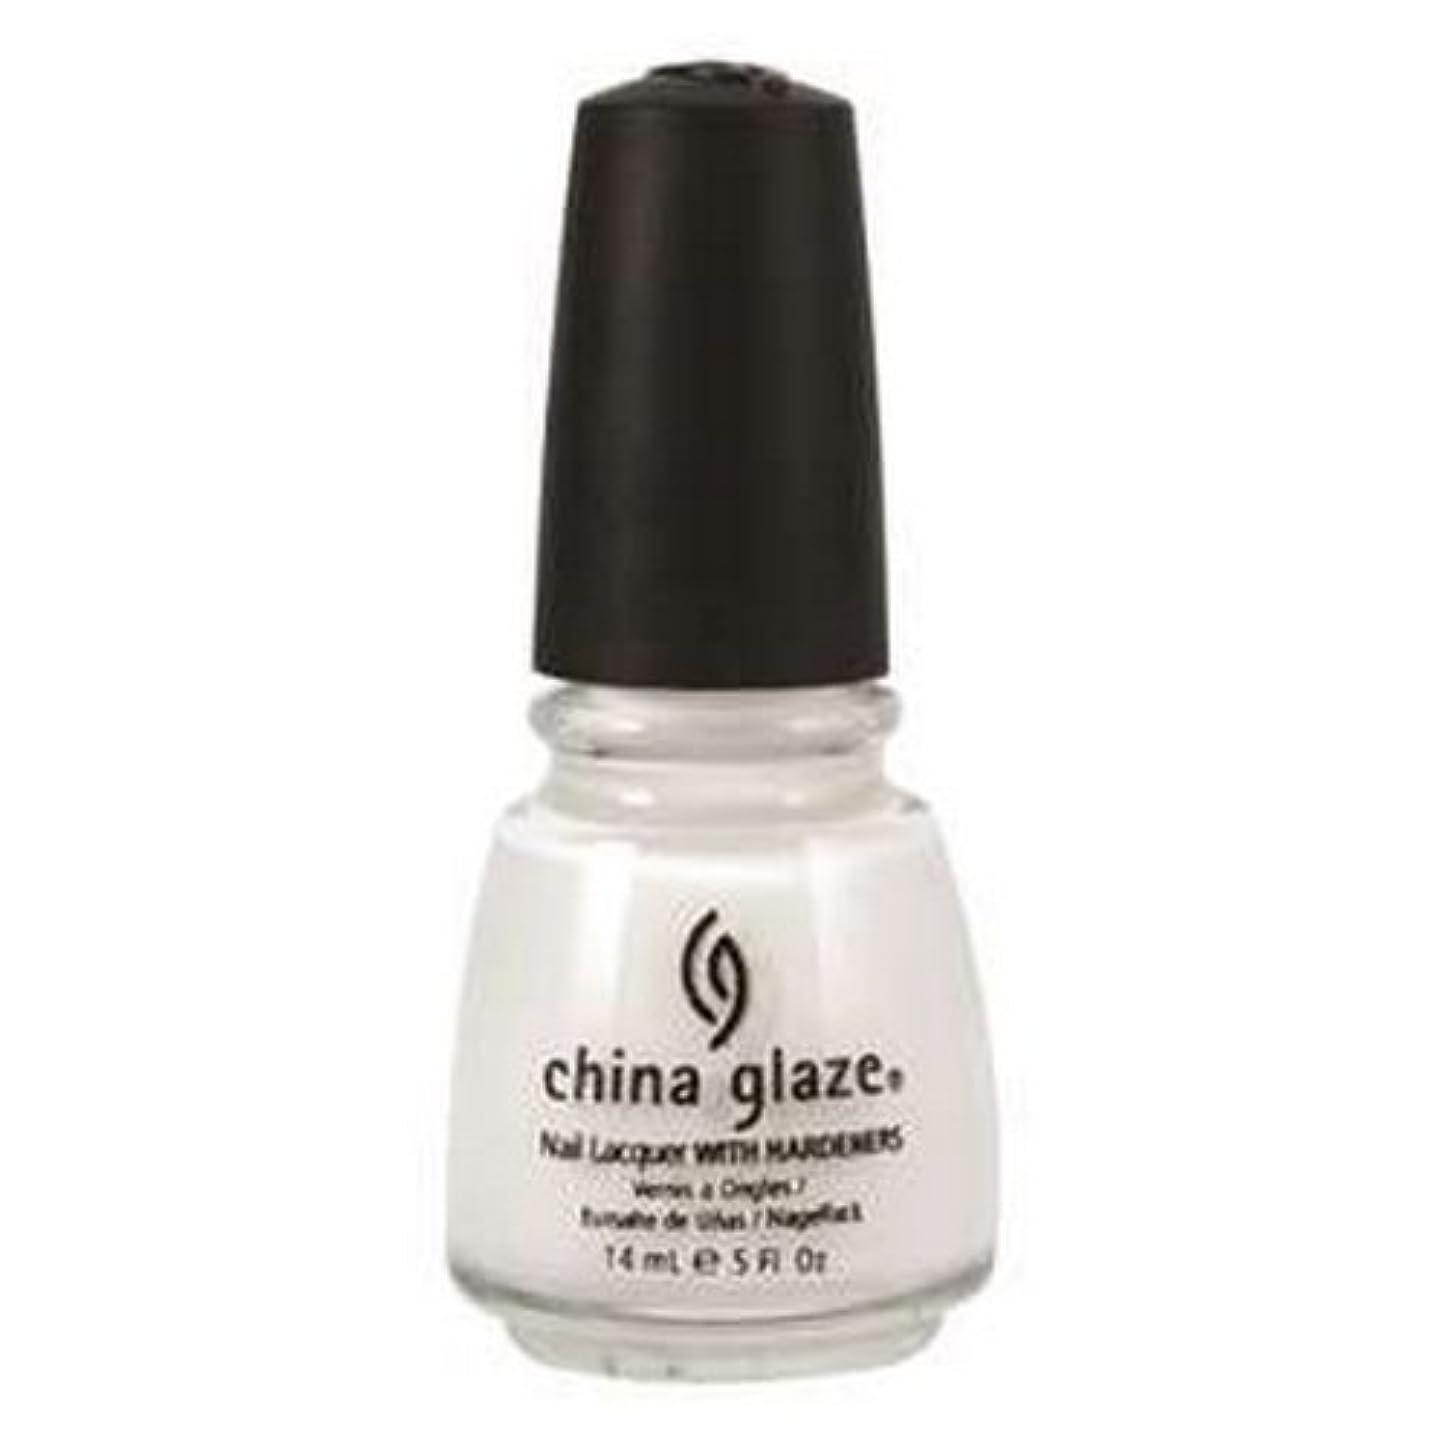 論争的交換可能取り壊す(6 Pack) CHINA GLAZE Nail Lacquer with Nail Hardner 2 - Snow (並行輸入品)